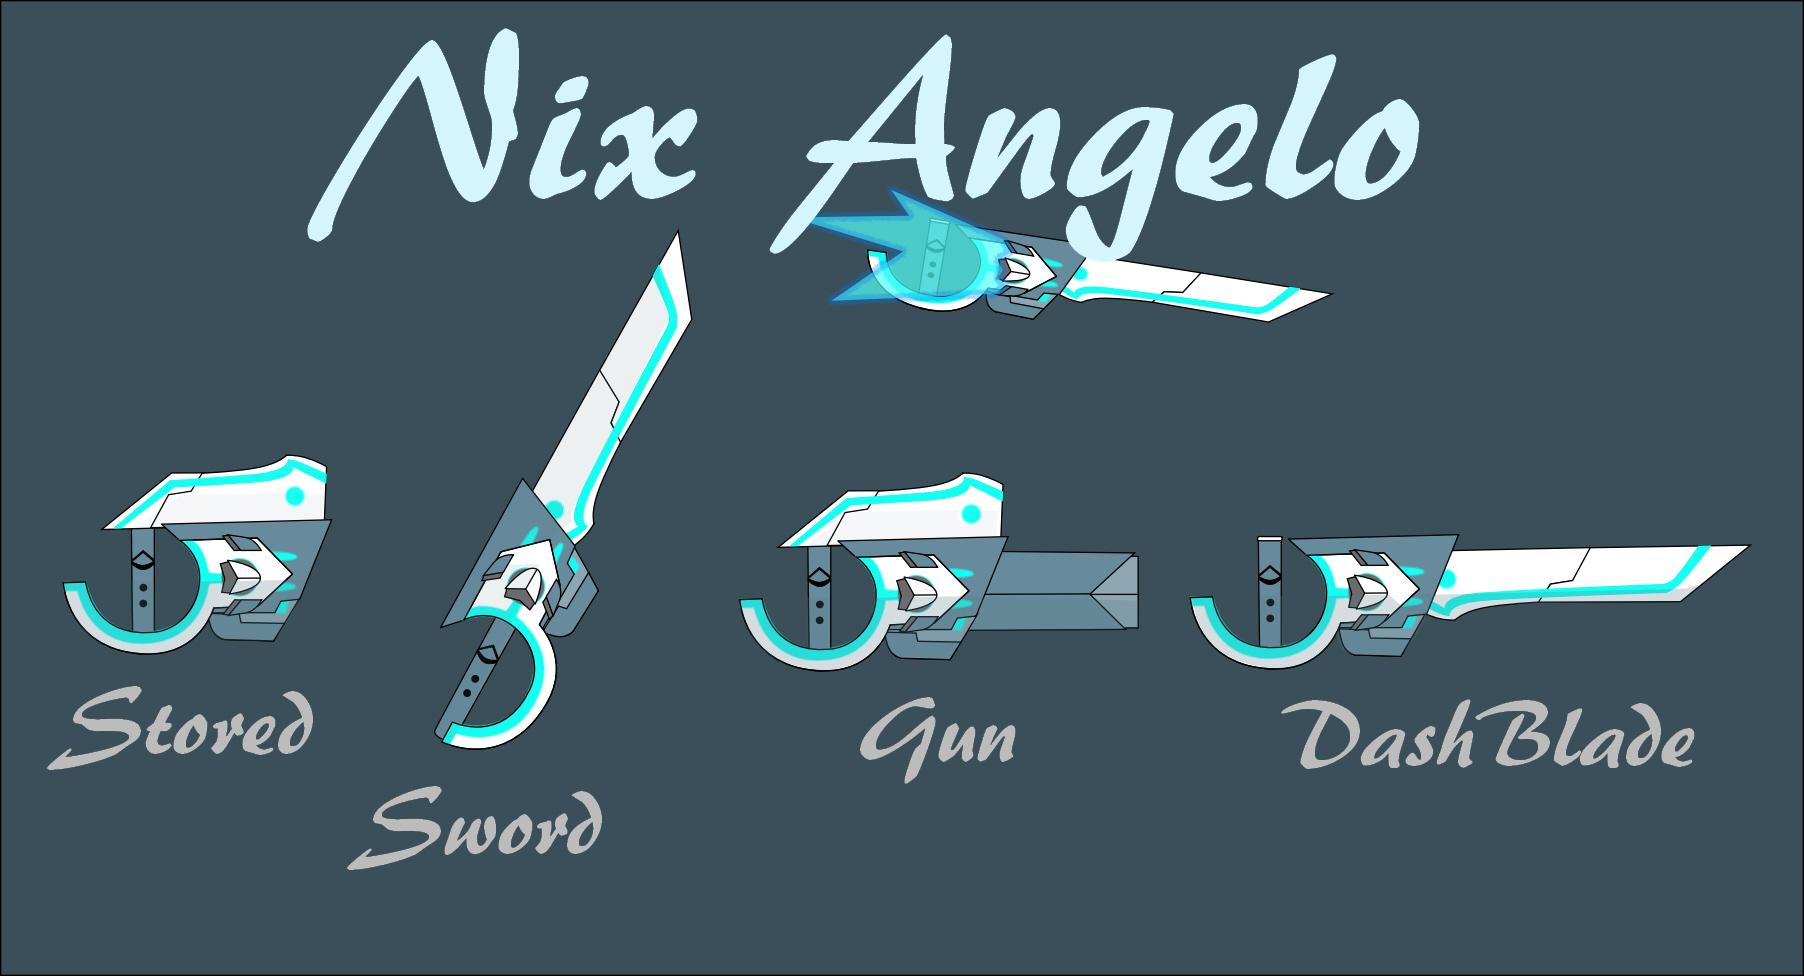 Bladed Fan Weapon : Rwby fan weapon nix angelo by silverblur on deviantart